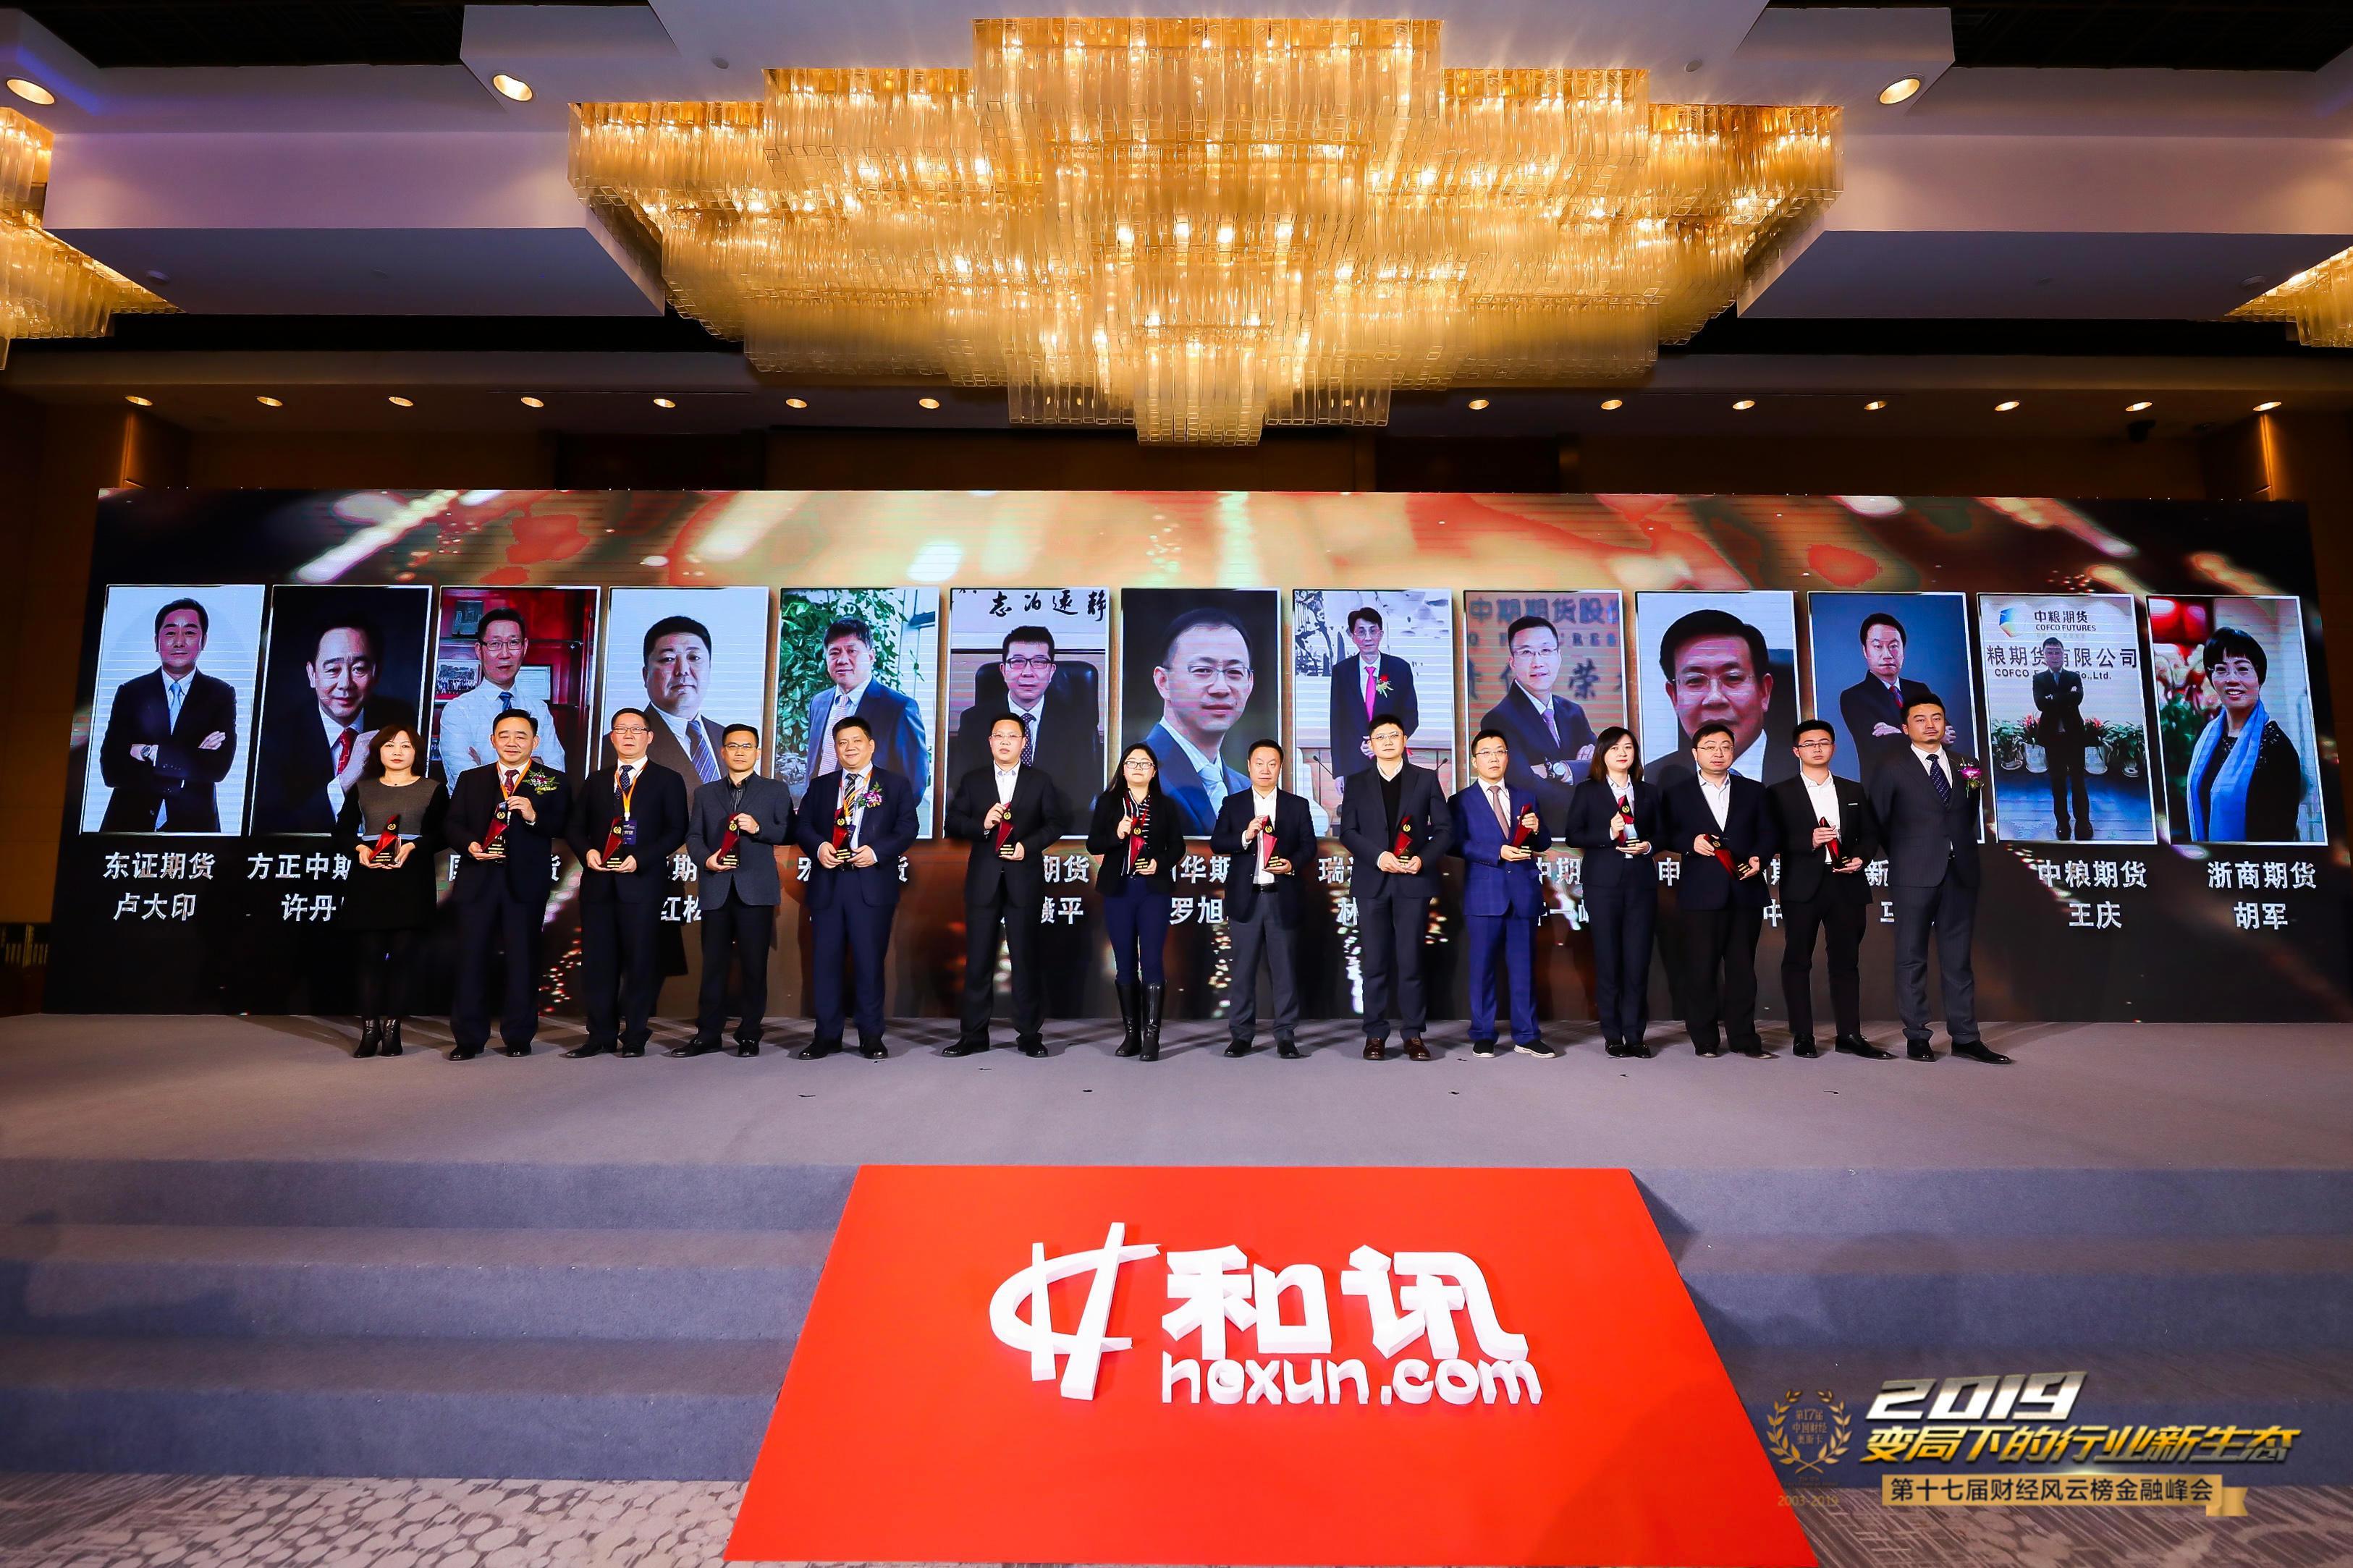 上海中期期货荣获和讯网第十七届中国财经风云榜期货业金牌服务奖等两大奖项